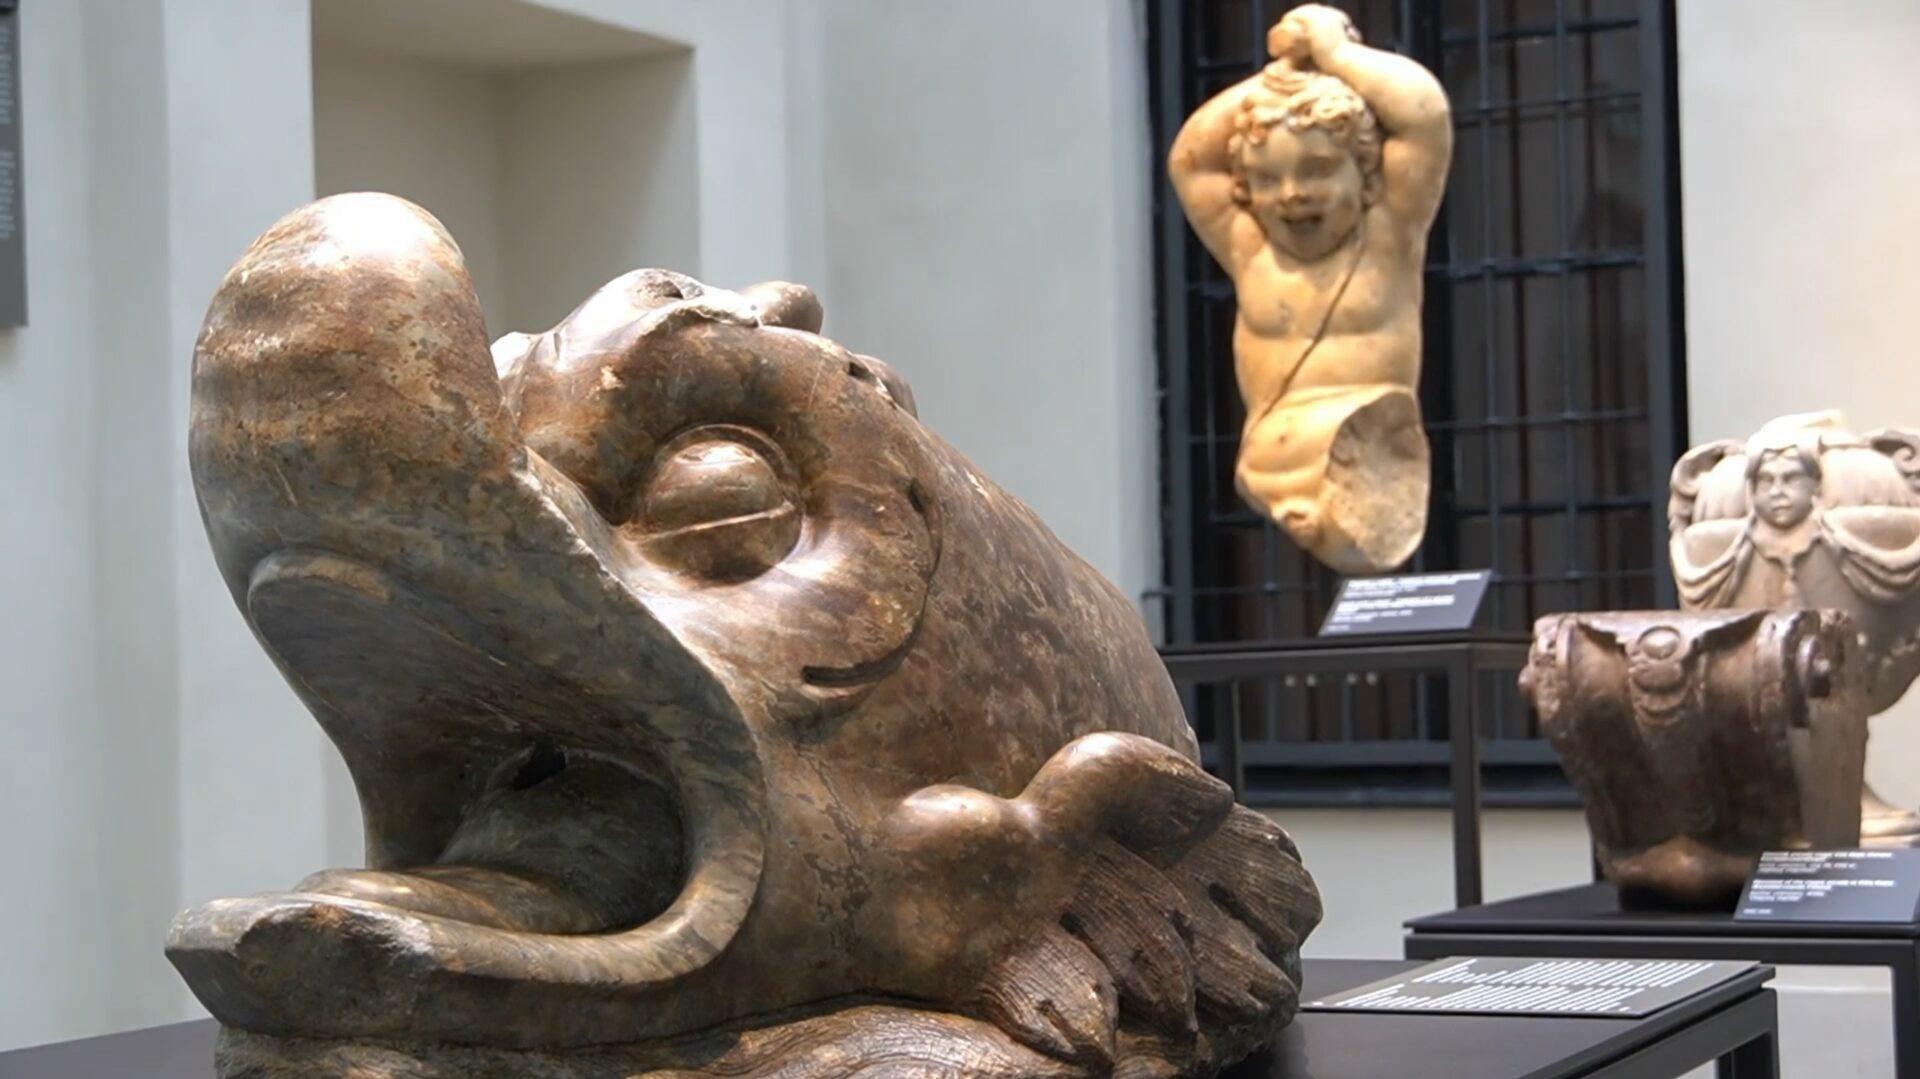 Zdjęcie. Kamienna rzeźba delfina wtle rzeźba putta